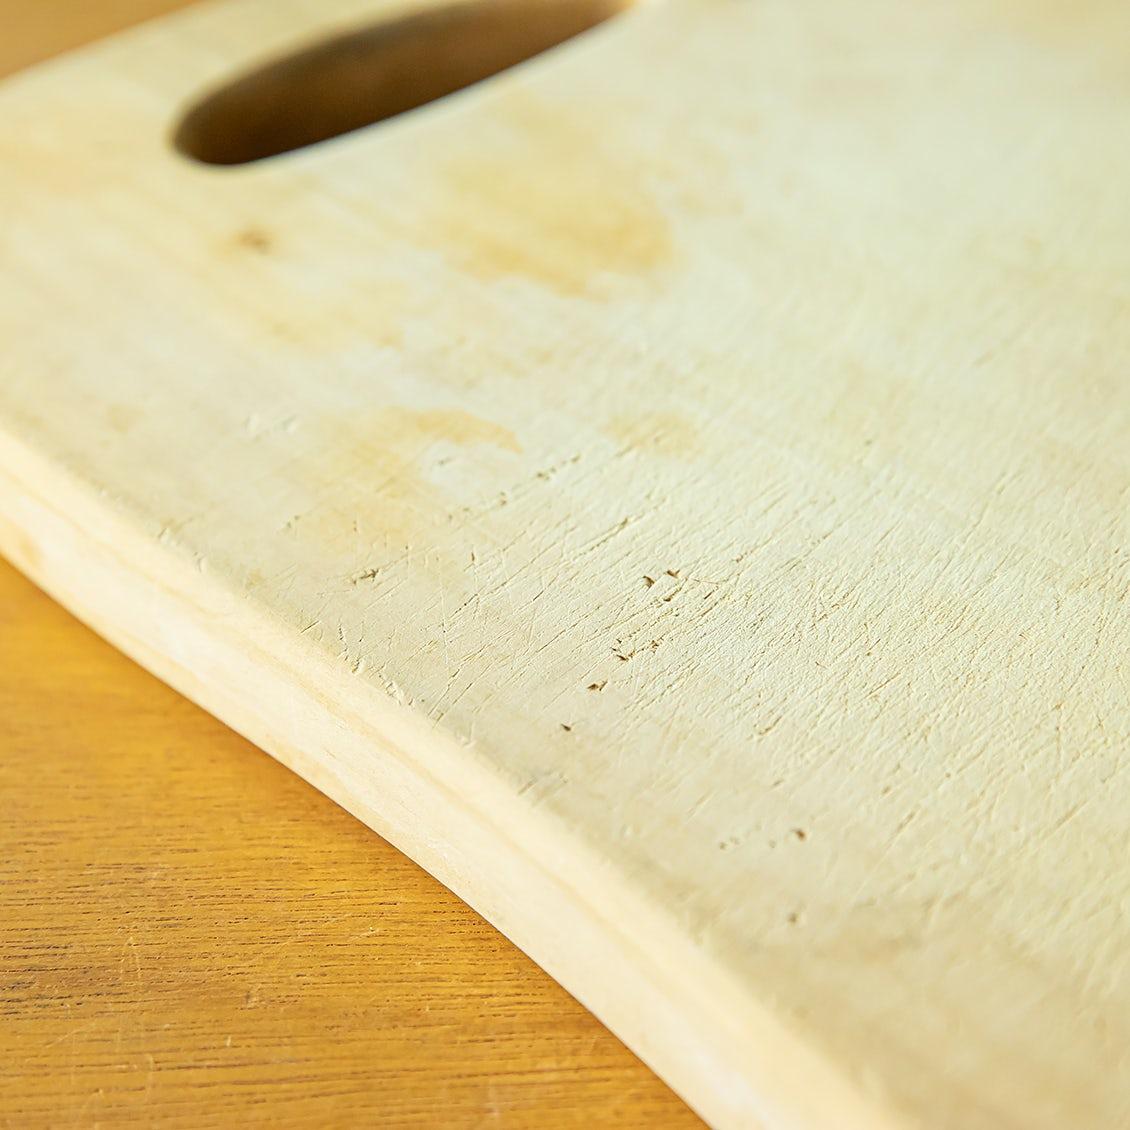 【台所道具のいろは】まな板編: 黒ずみはどうする?削り直しは必要? 気になる悩みを相談しました